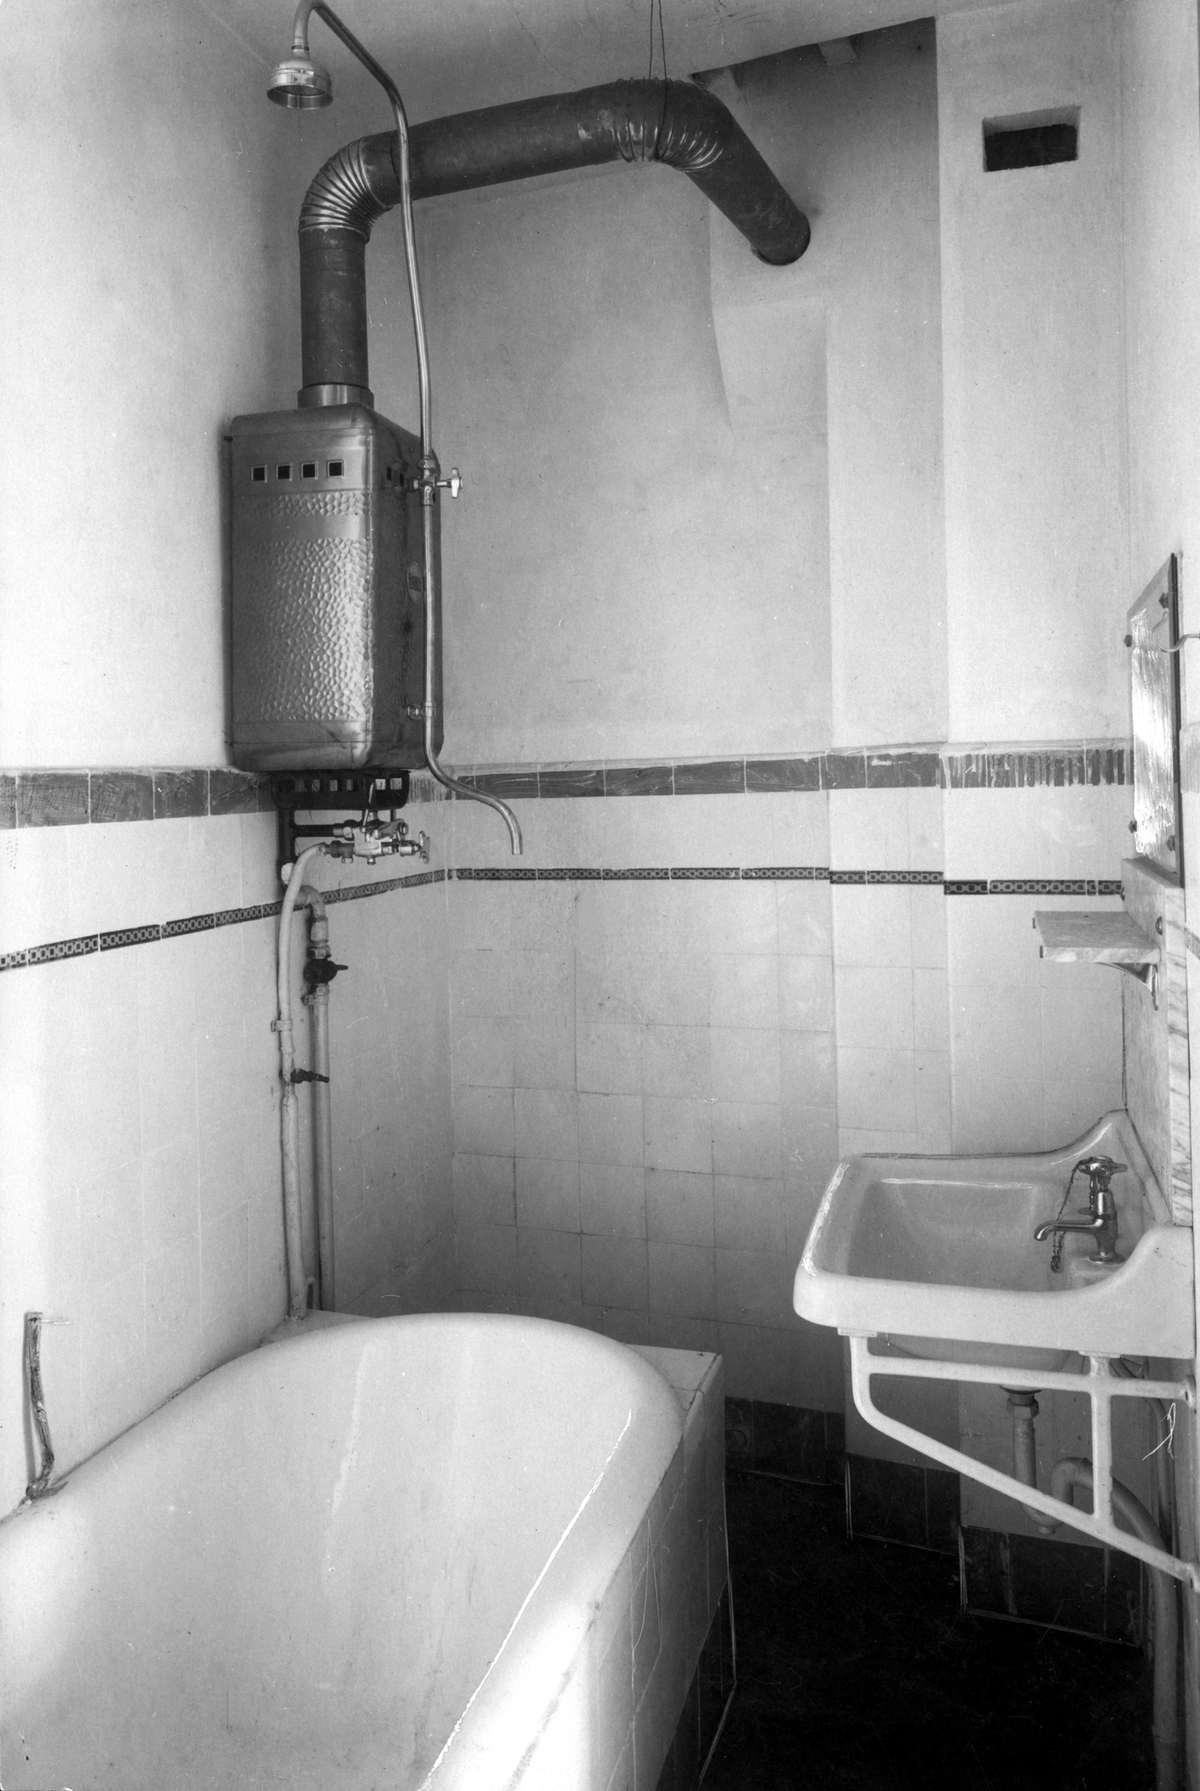 Badkamer in nieuw huis Amsterdam Zuid, 1930. - Geheugen van Nederland